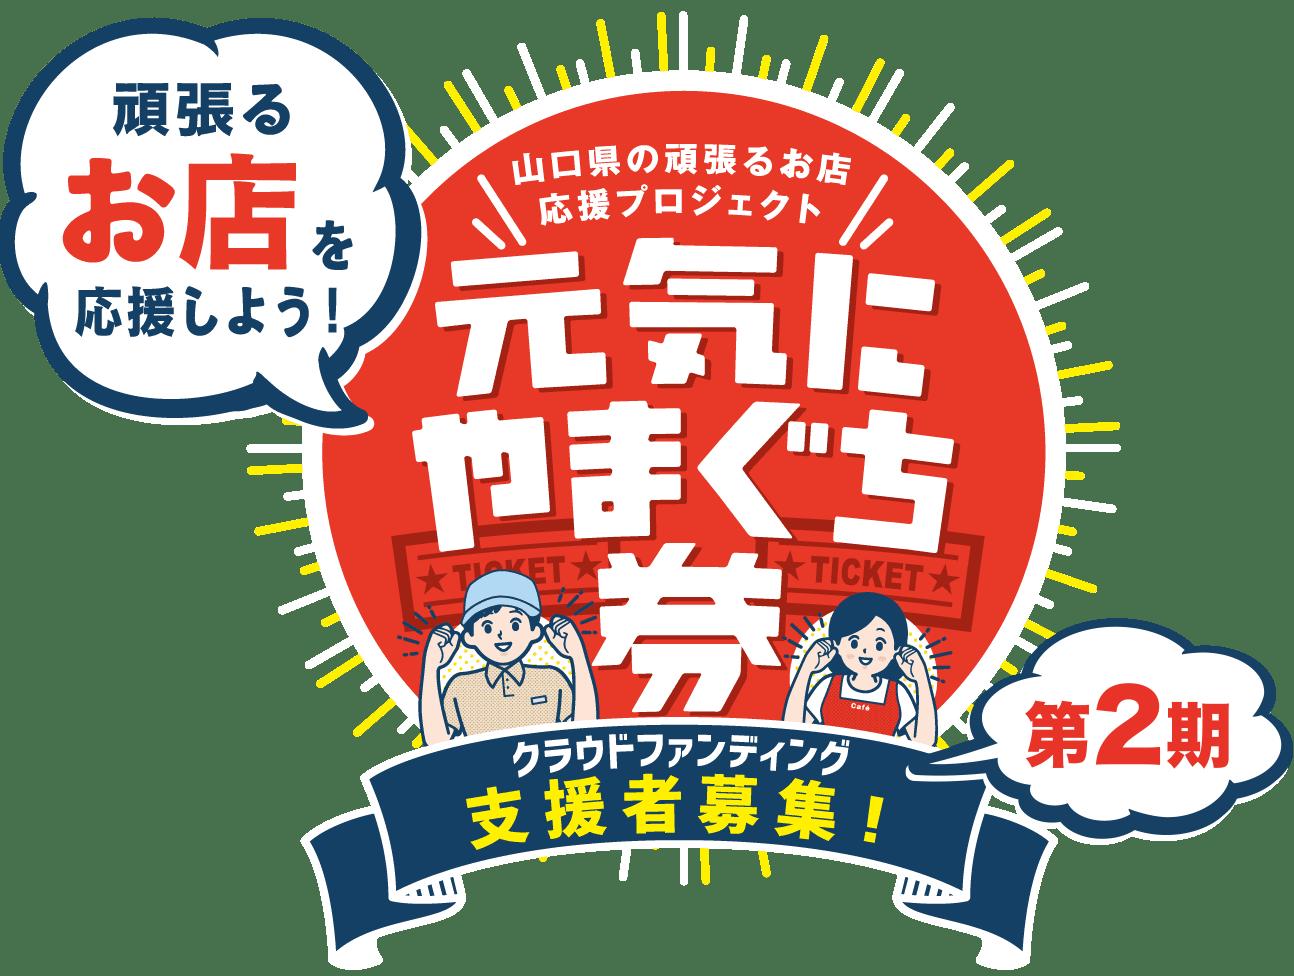 山口県の頑張るお店 応援プロジェクト 元気にやまぐち券 クラウドファンディング支援者募集!